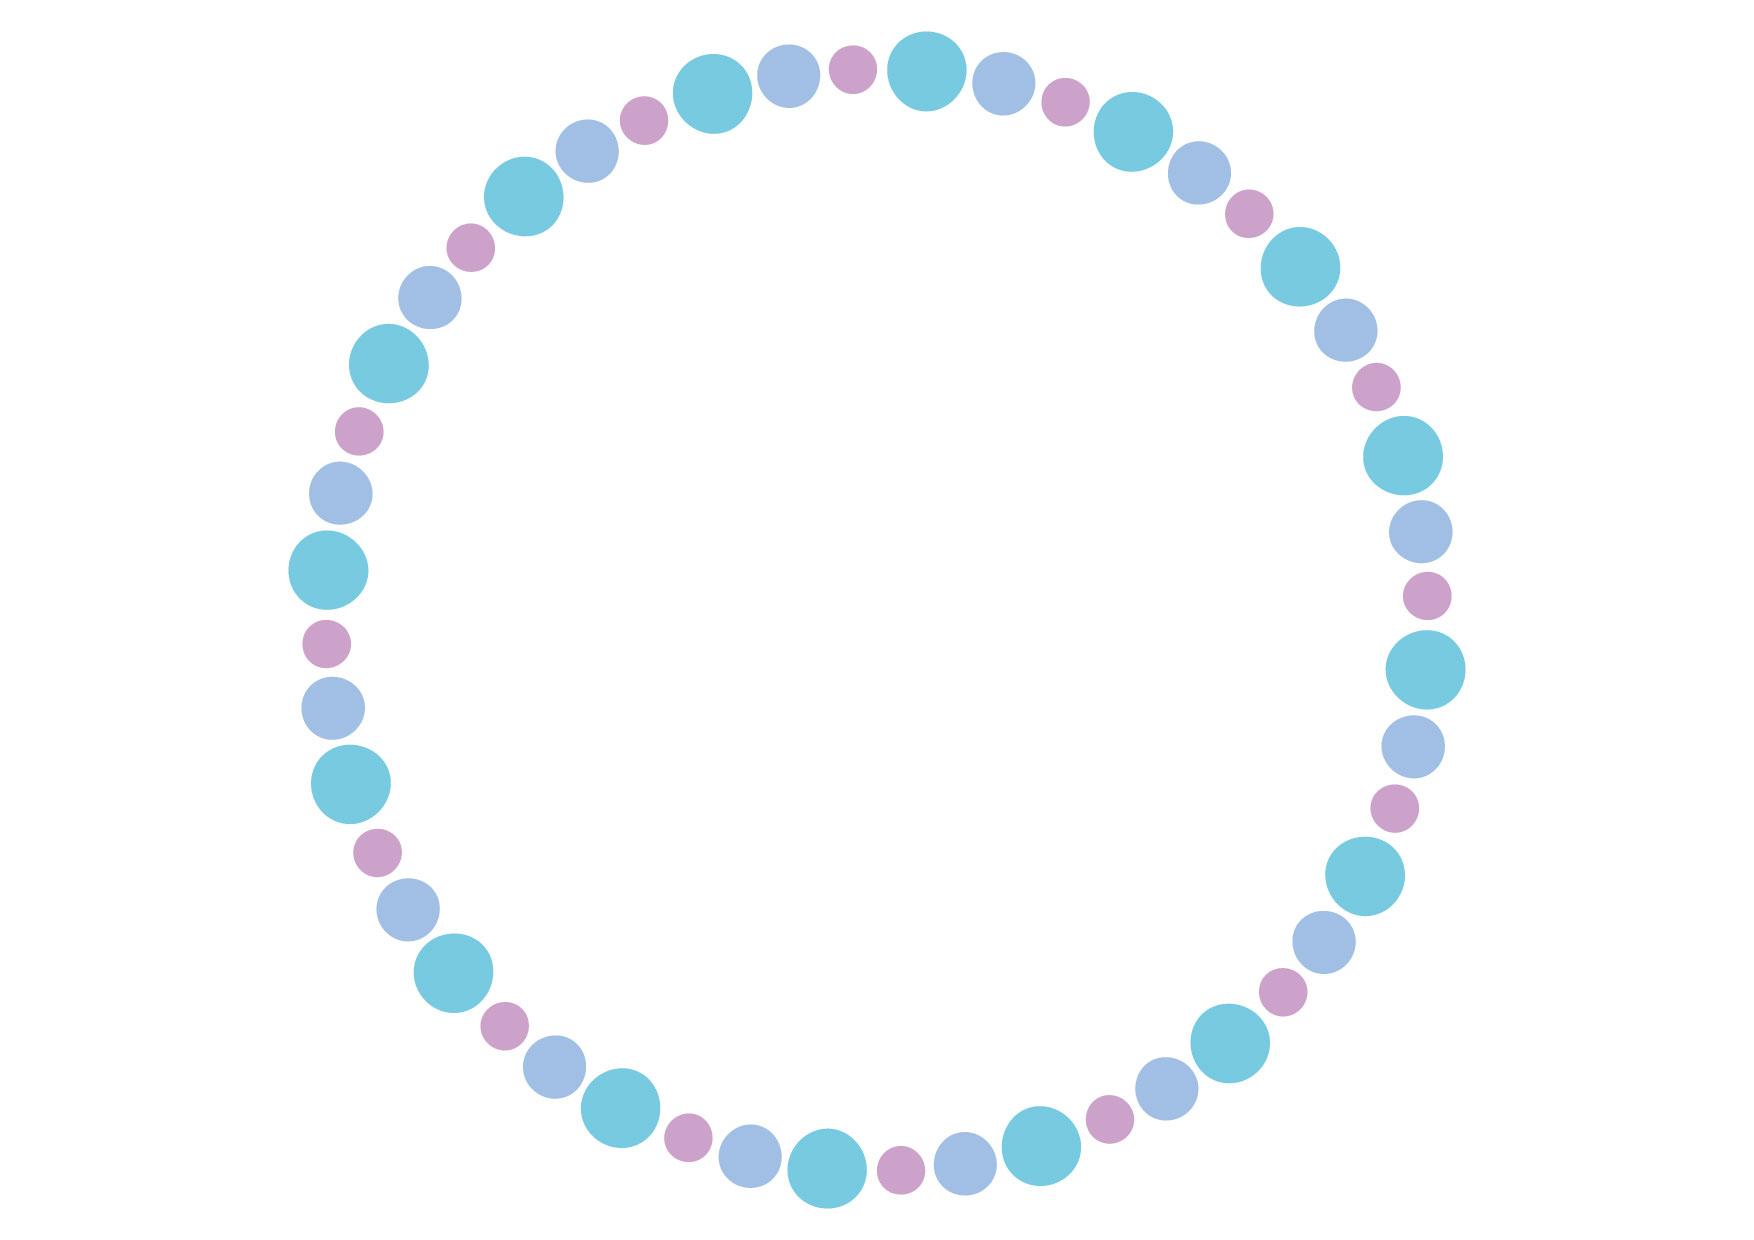 可愛いイラスト無料|円フレーム ブルー 背景 − free illustration Circle frame blue background